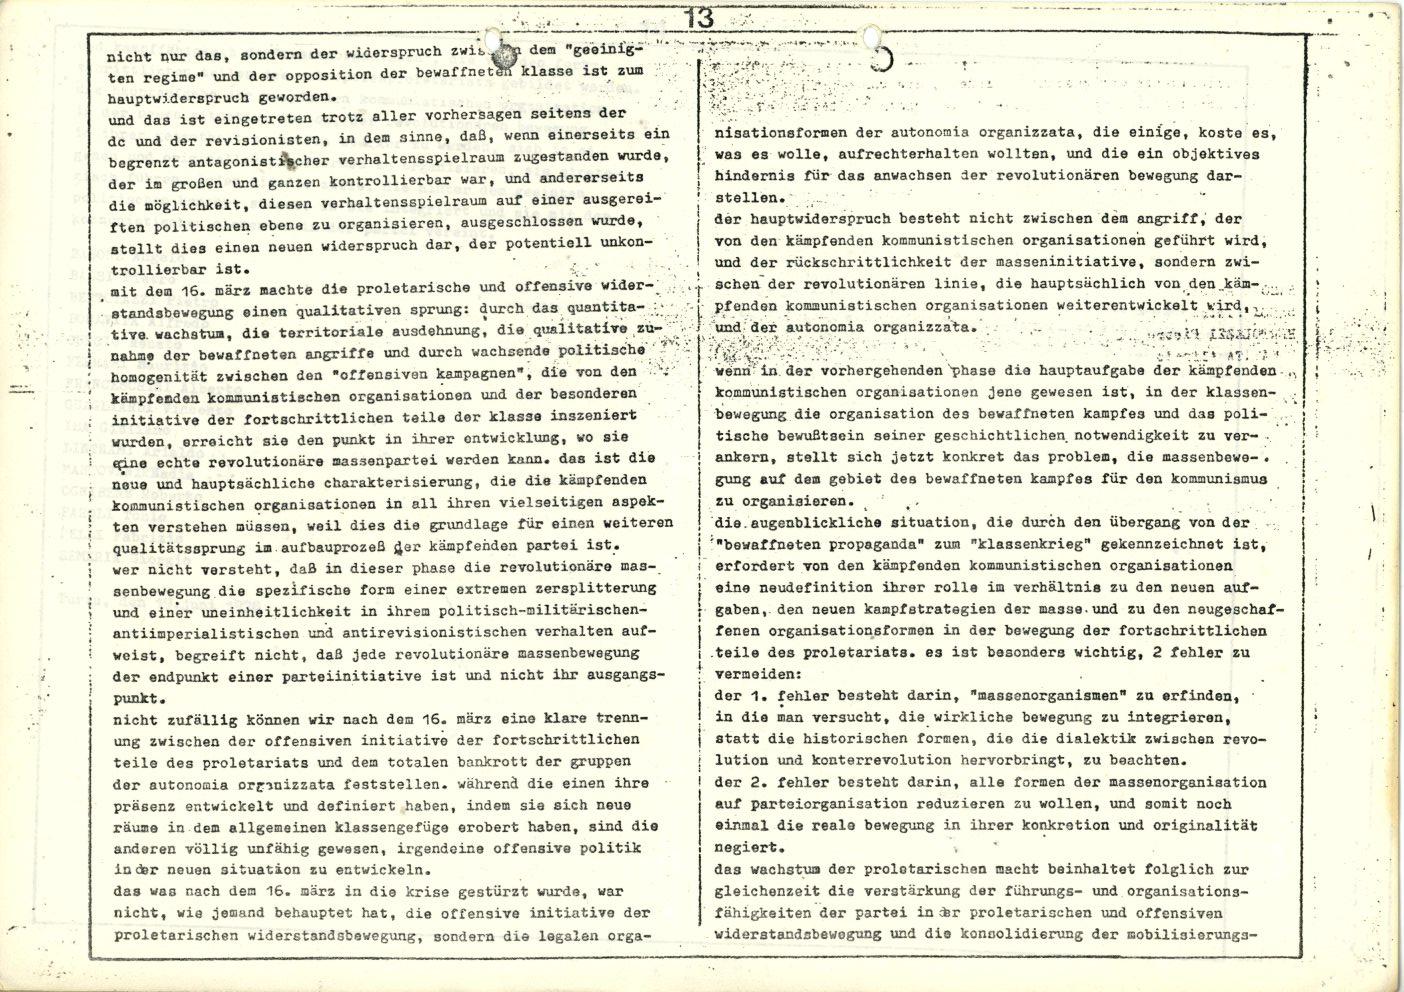 Italien_Brigate_Rosse_1982_Texte_1_28